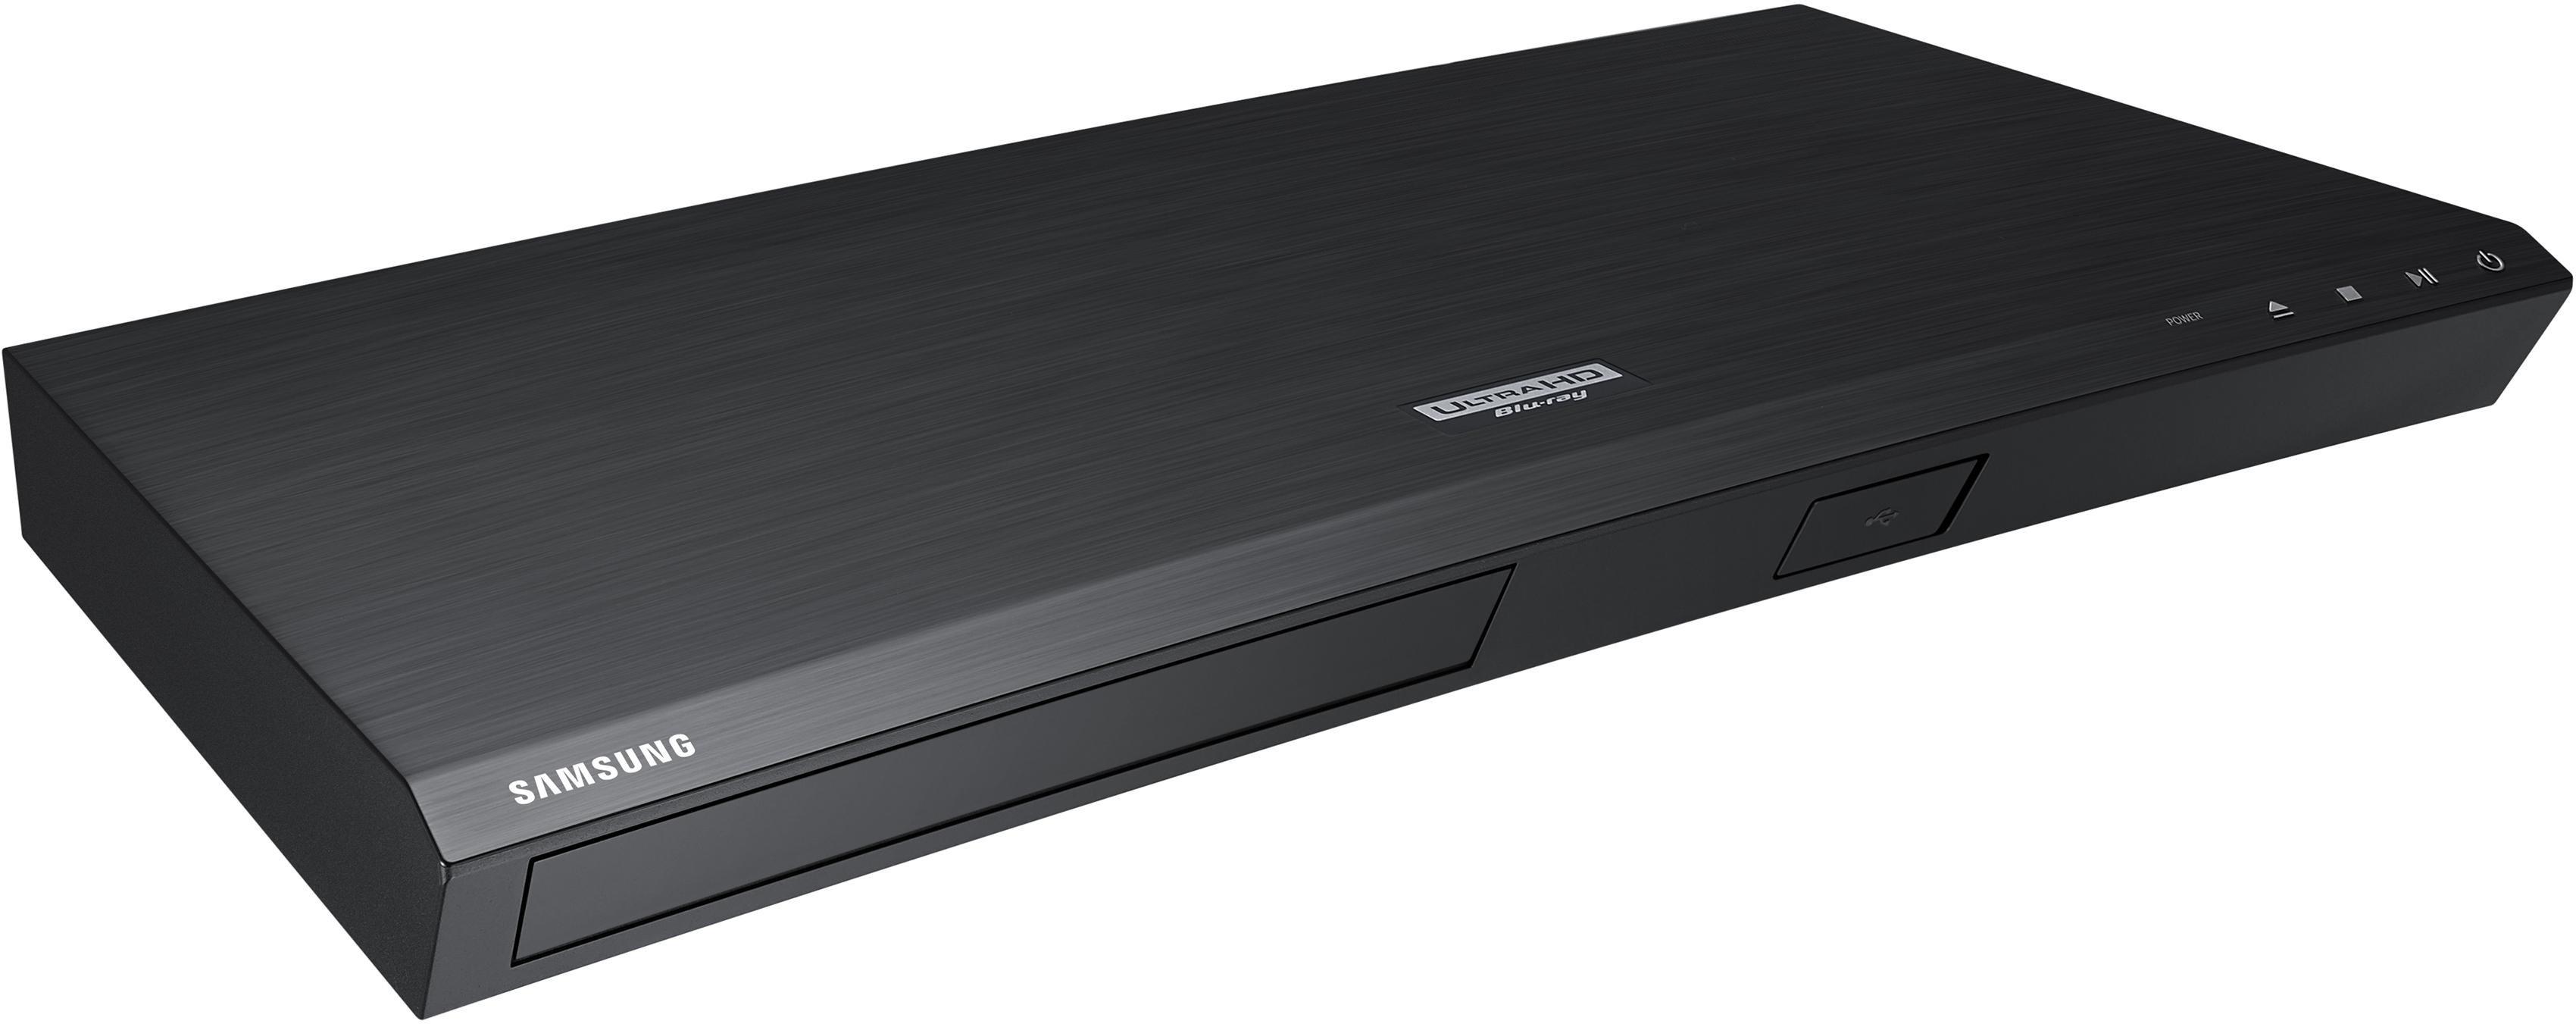 Op zoek naar een SAMSUNG UBD-8500/EN Ultra HD blu-ray-speler? Koop online bij OTTO